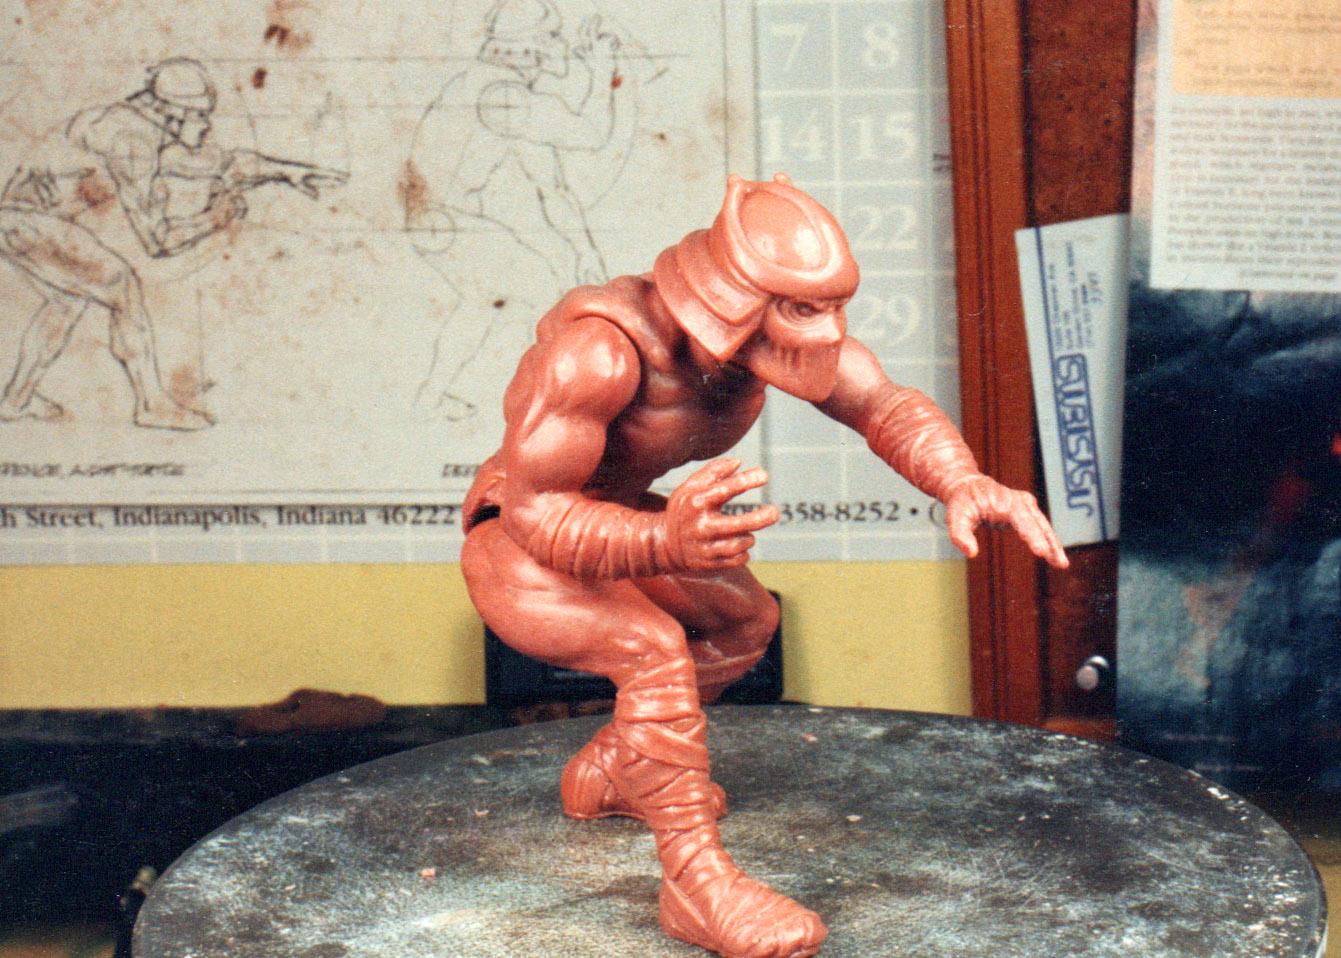 the final wax sculpture for Shredder figure TMNT